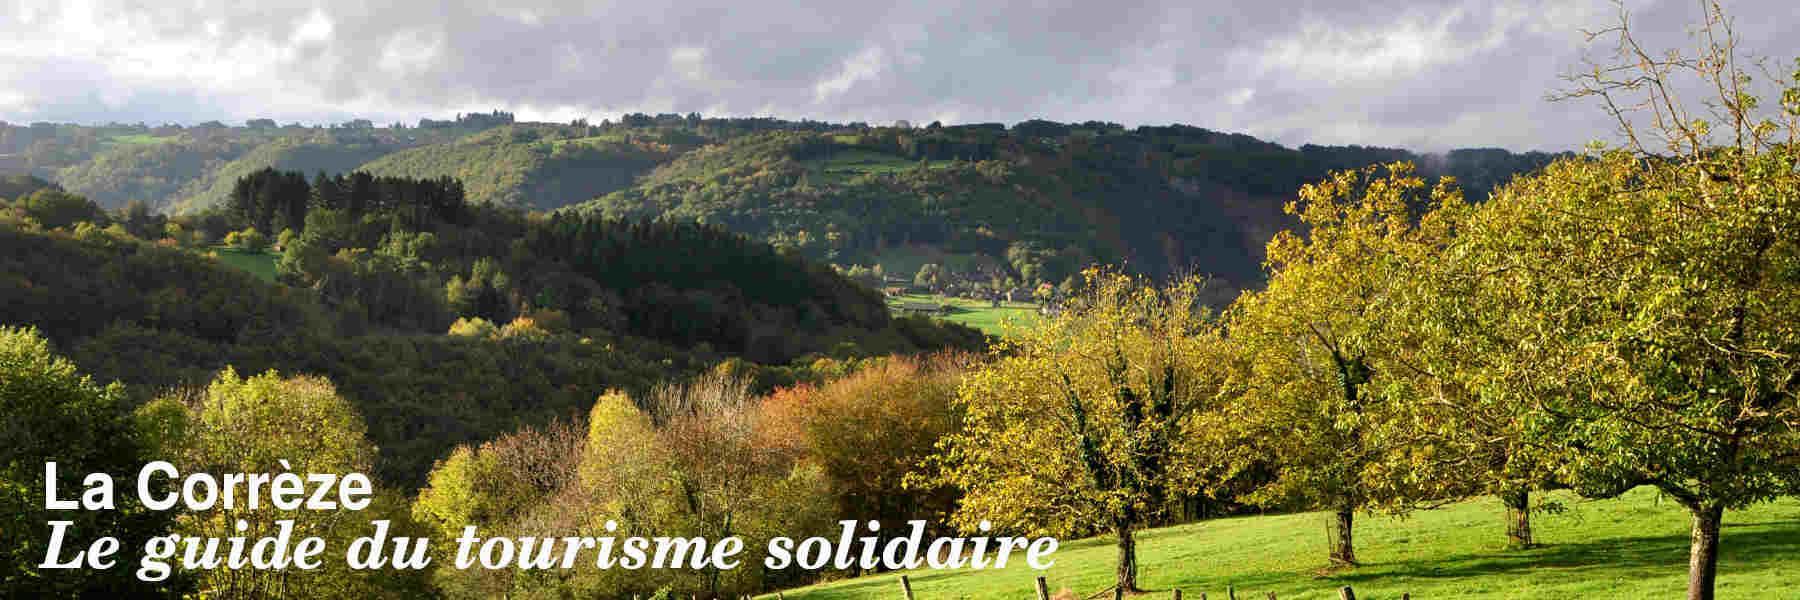 Le guide du tourisme solidaire en Corrèze